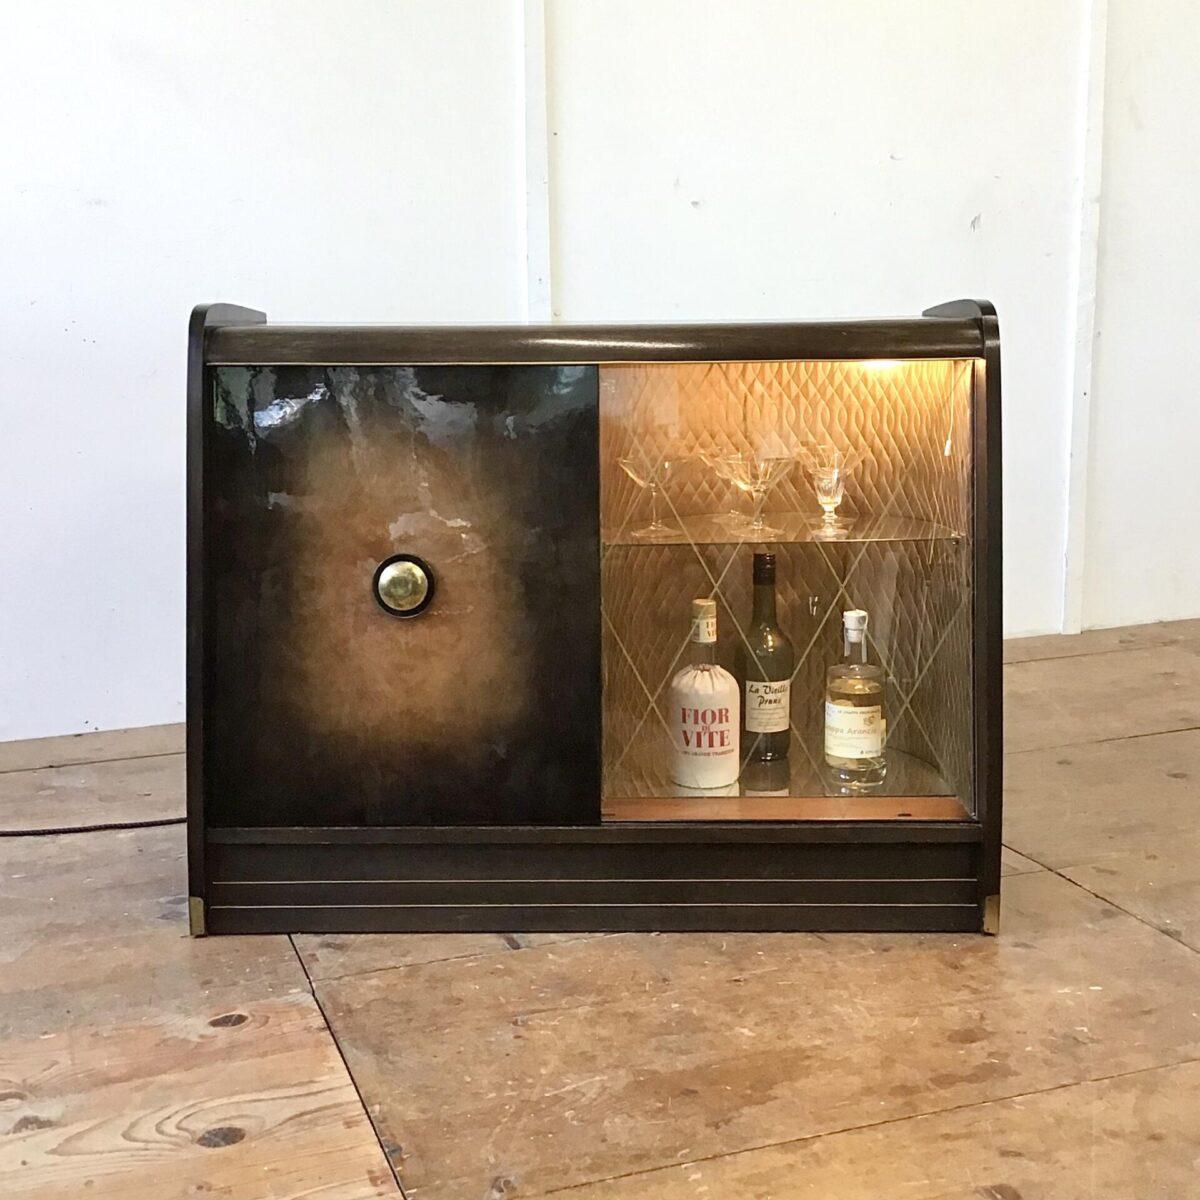 Deuxieme.shop Vintage Kommode aus den 50er 60er Jahren. 98x45,5cm Höhe 77cm. Das Sideboard hat auf der linken Seite etwas Stauraum mit einem Tablar. Rechts hinter der Glas Schiebetür befindet sich das Barfach. Gold ausgekleidet mit glas Tablar und Boden Spiegel. Diese Seite kann mit einer Lampe beleuchtet werden.